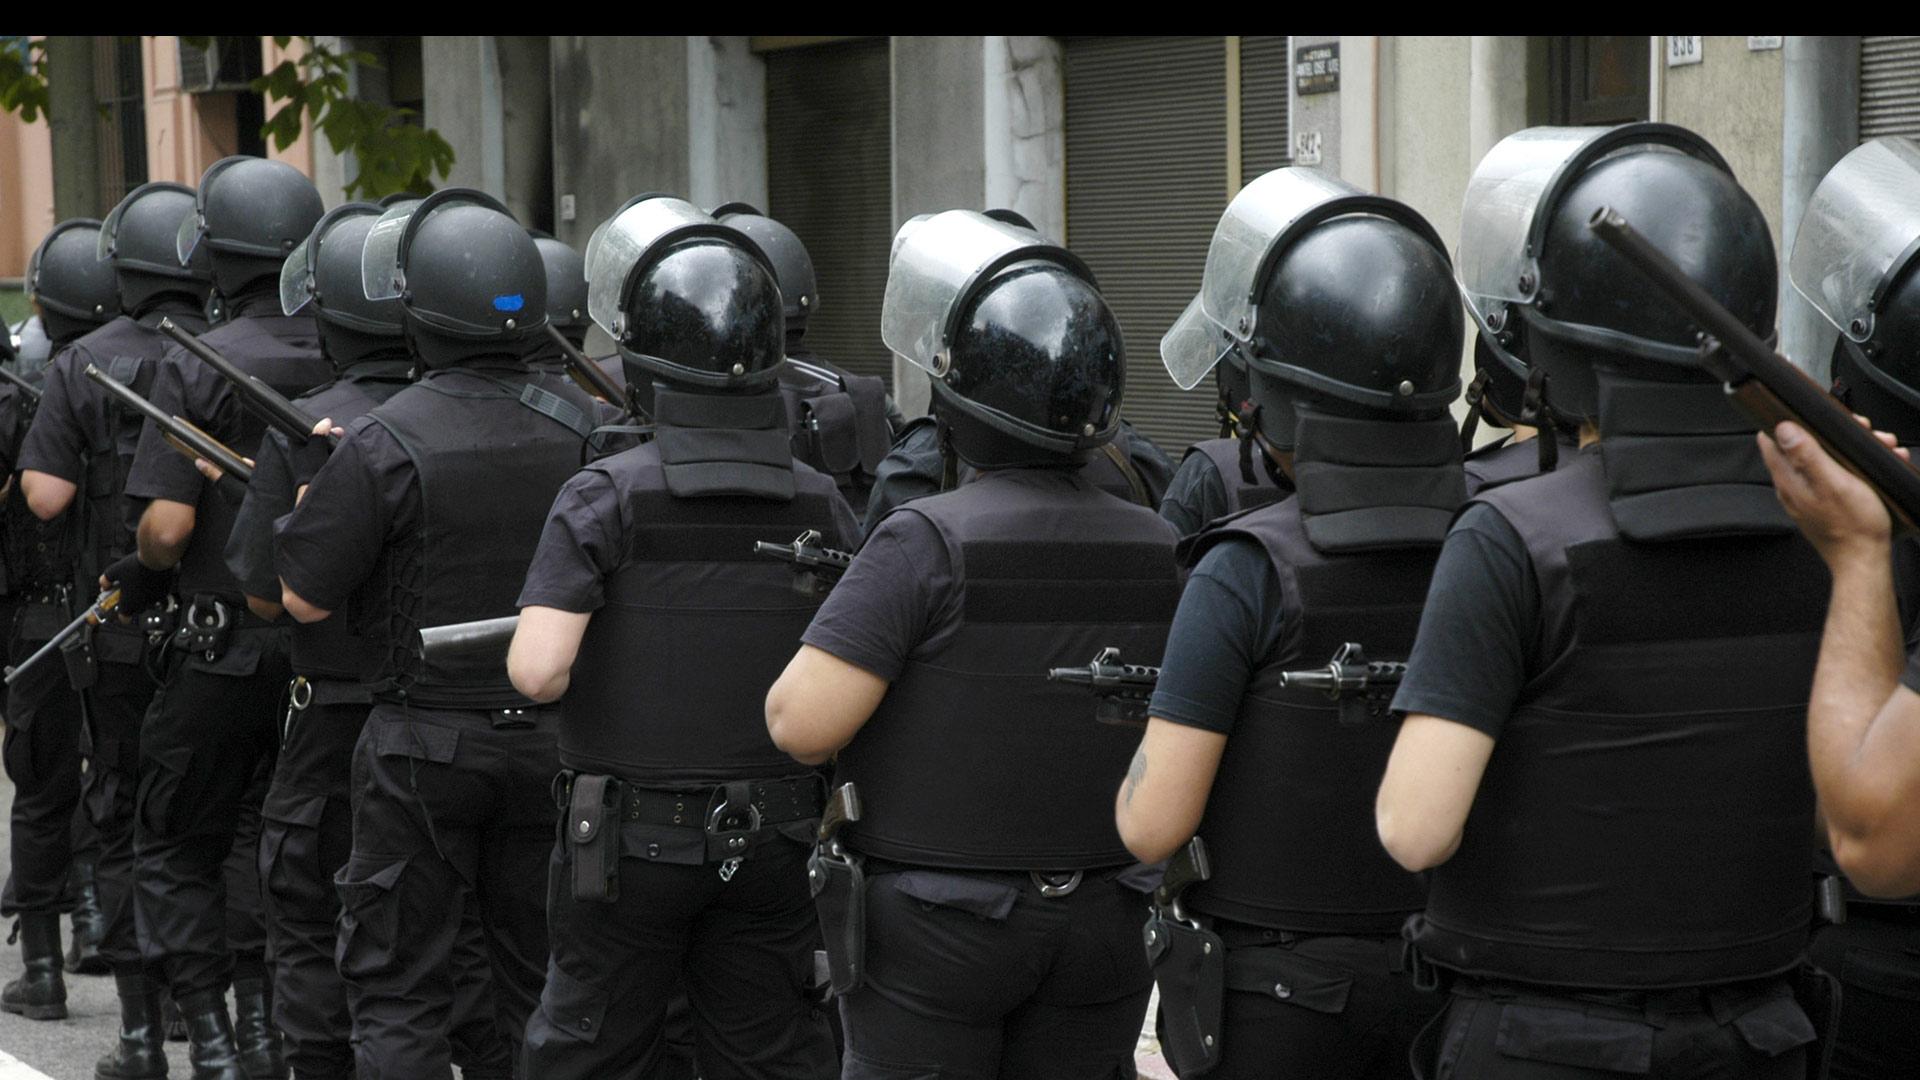 Autoridades tomaron una sede de enseñanza pública en la que estudiantes protestaban por un mayor presupuesto